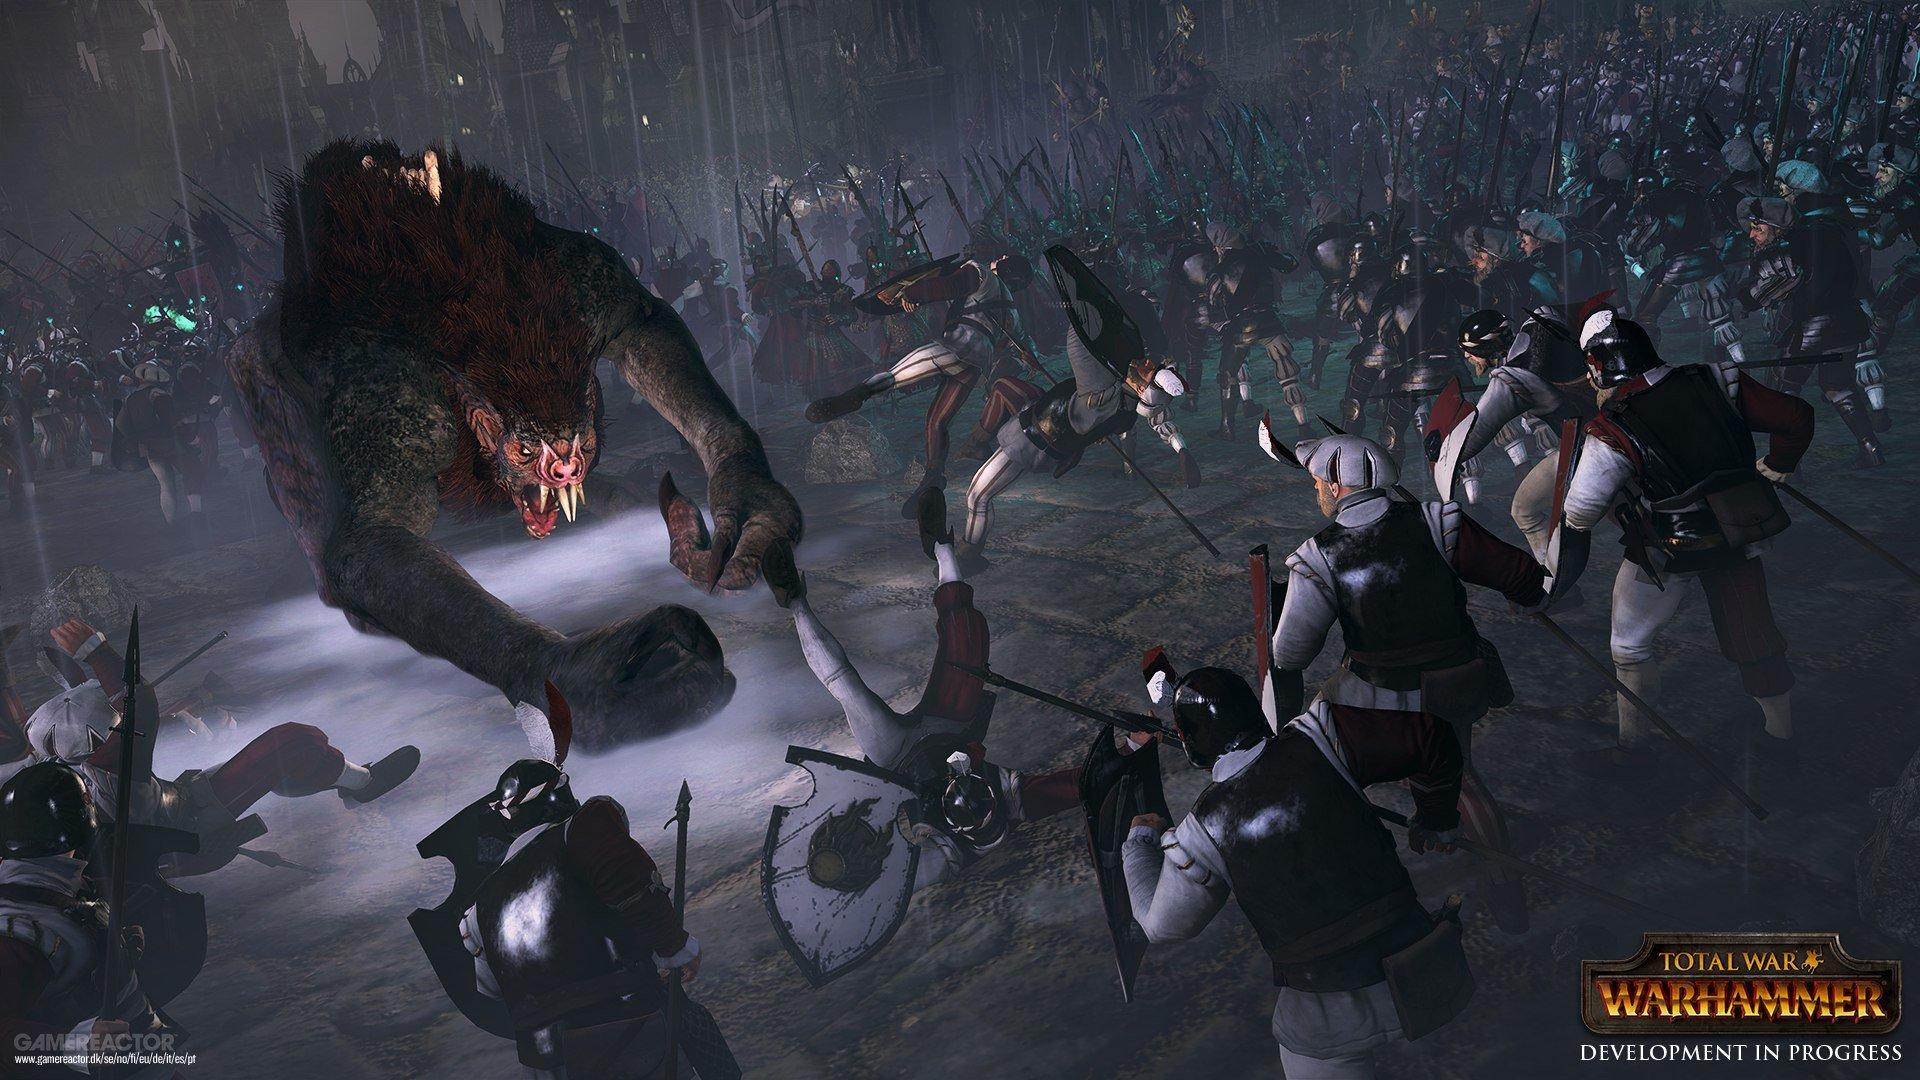 Мертвые идут! Новые видео Total War: WARHAMMER - Изображение 1